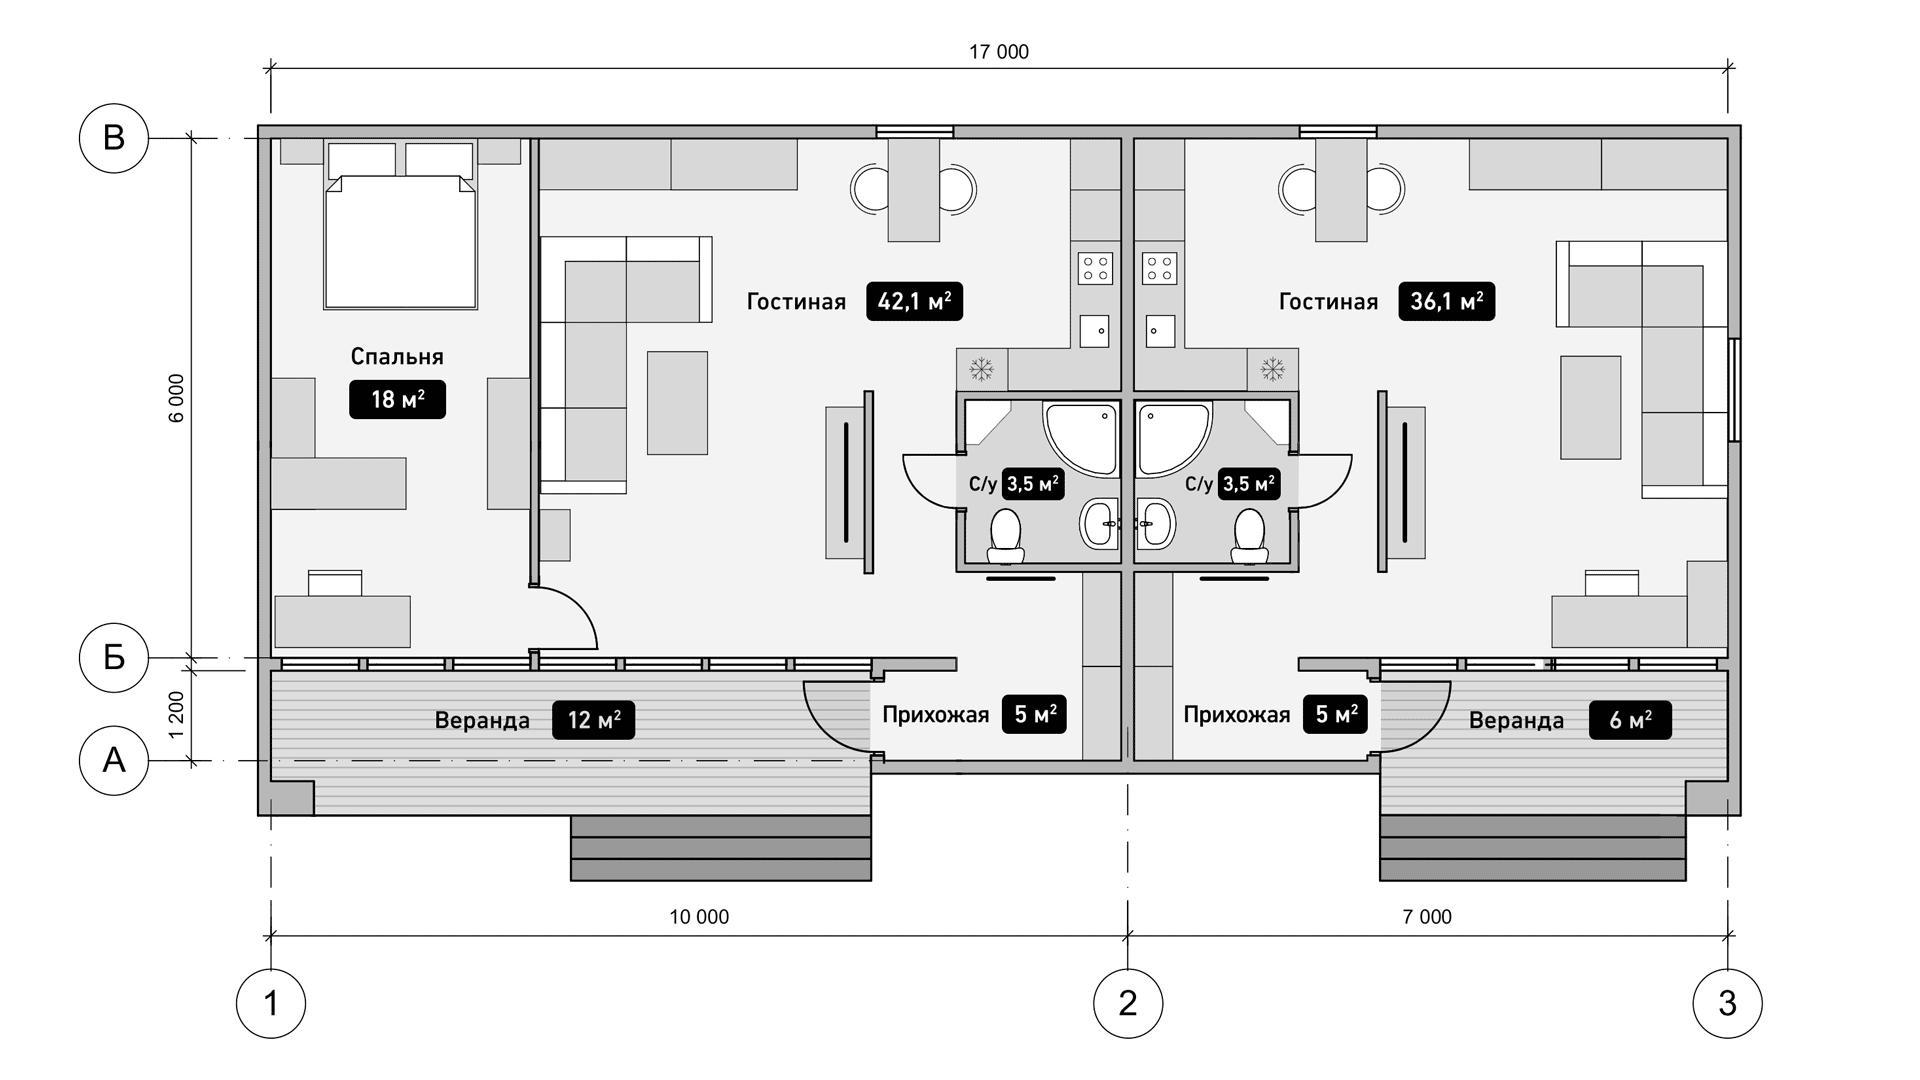 Семейный дом. План